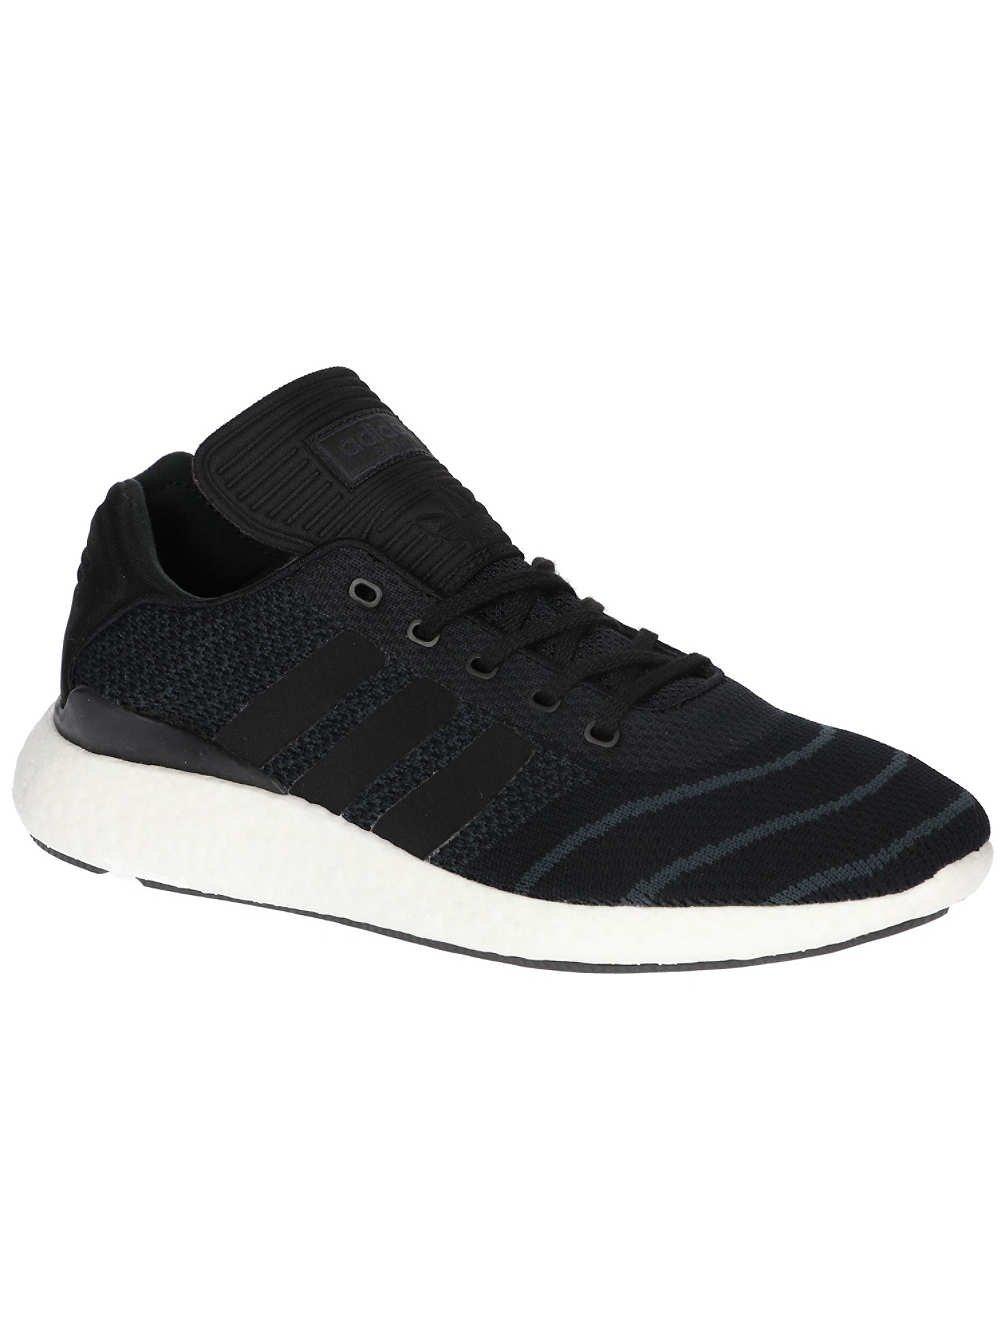 new product 09c39 8b1f8 Adidas Busenitz Pure Boost adidas Originals Amazon.es Deportes y aire  libre